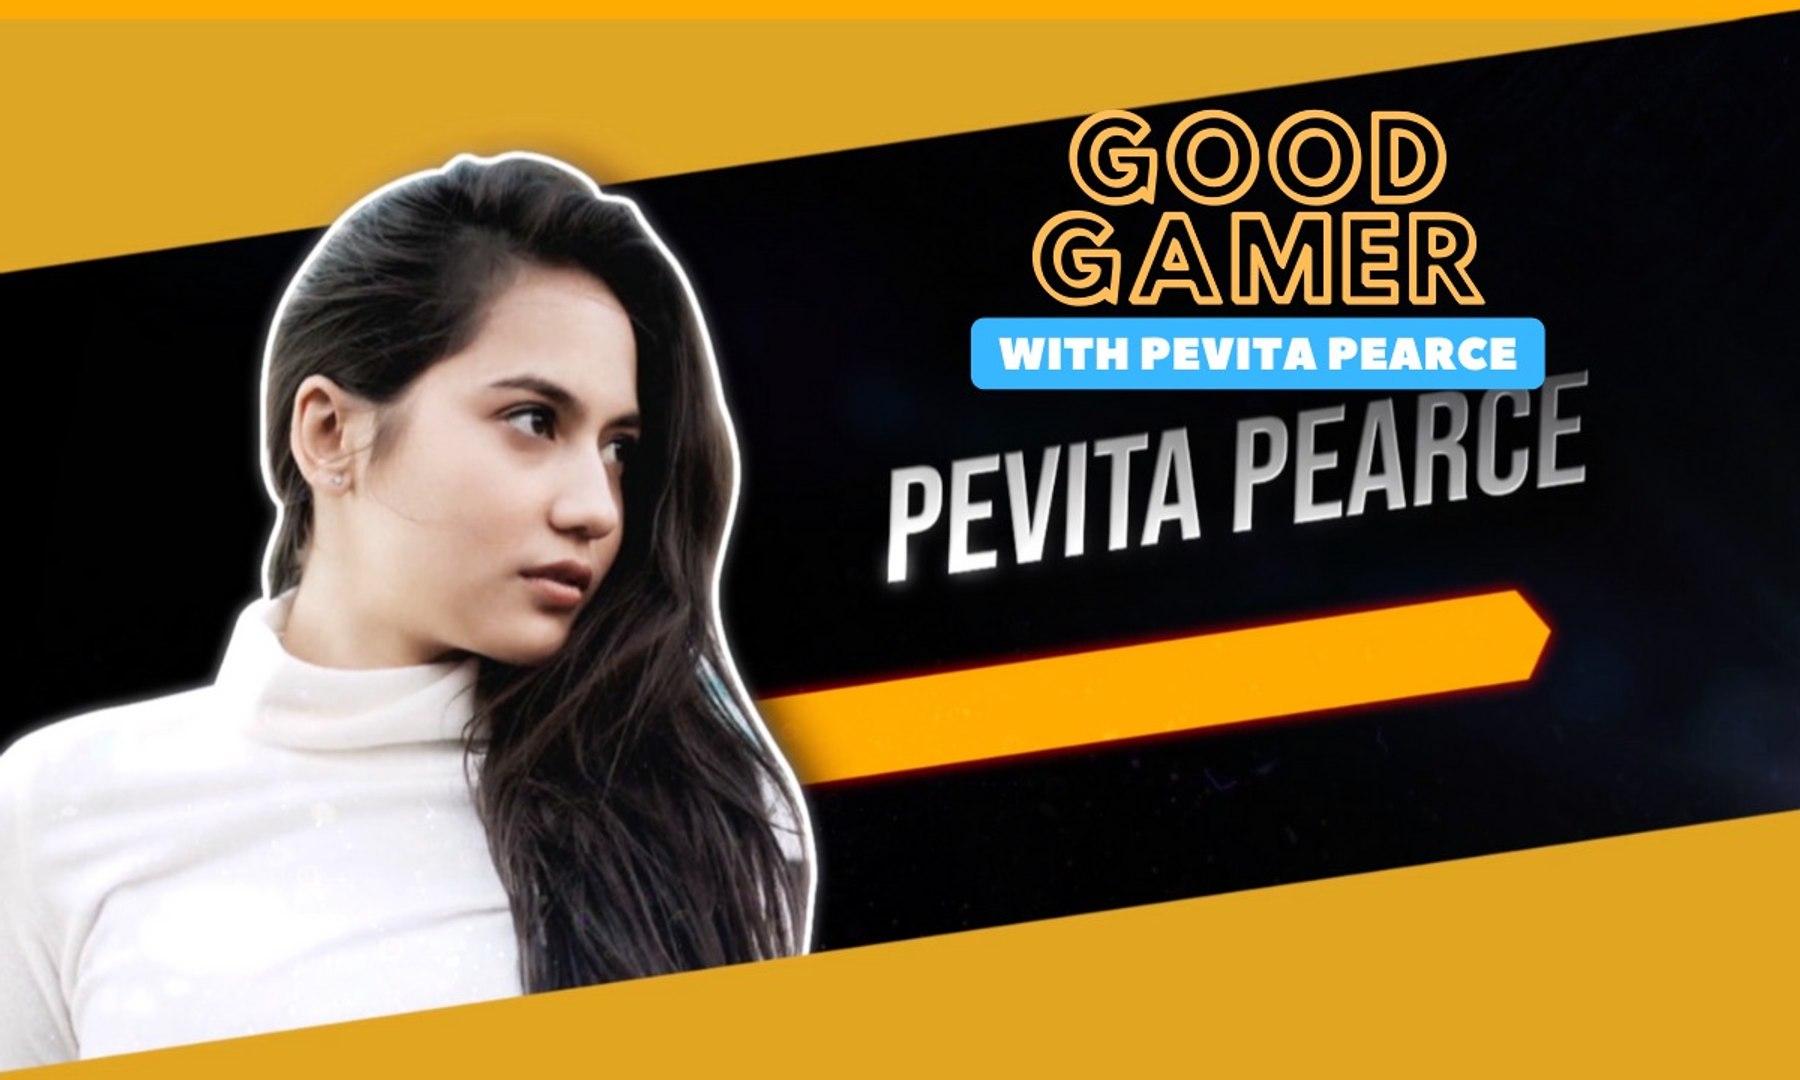 Pevita Wanita Pertama Indonesia di Turnamen Internasional PUBG | GOOD GAMER with Pevita Pearce (1)